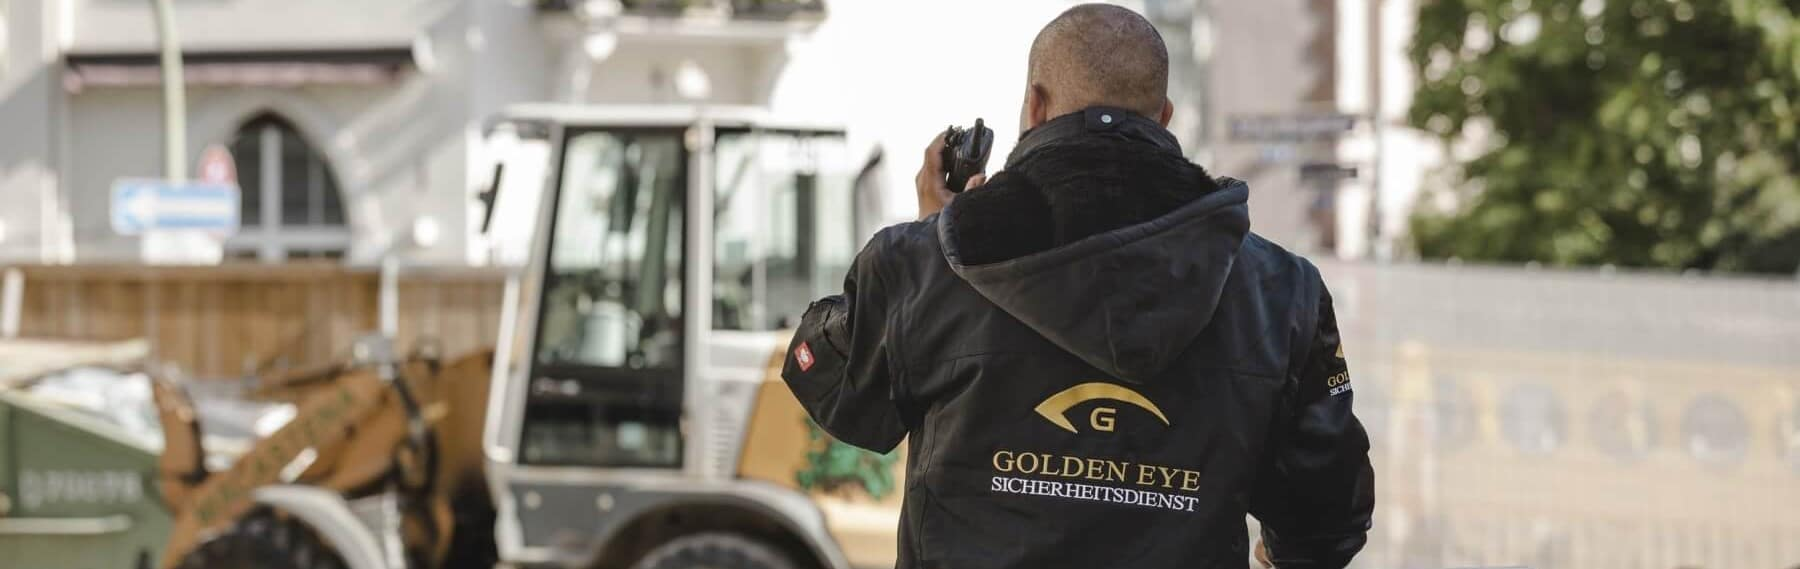 Sicherheitsdienst Göttingen